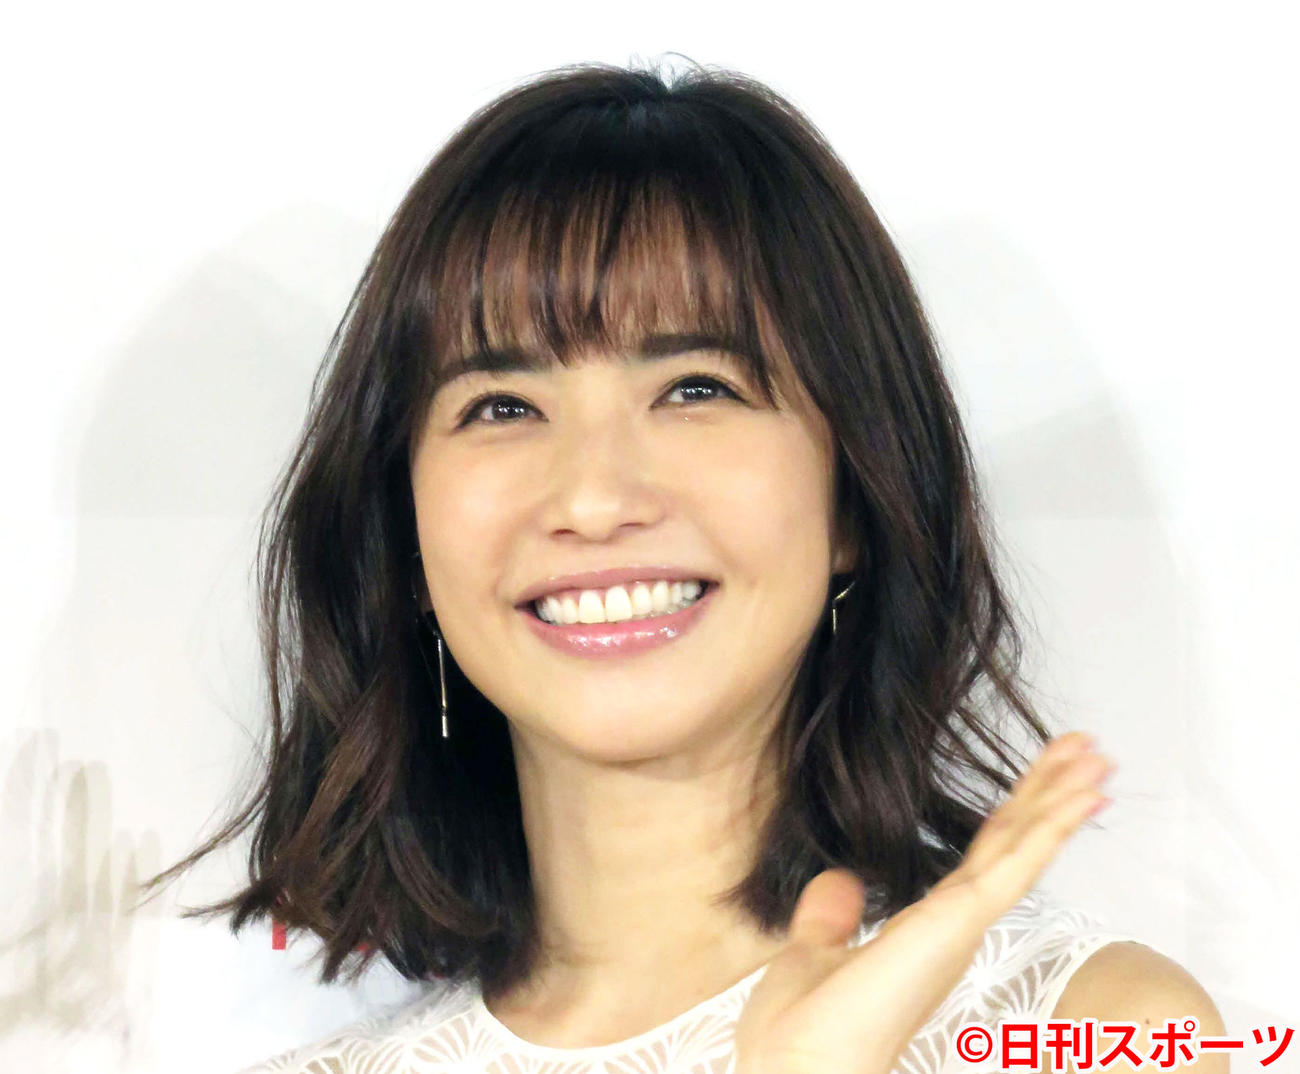 優木まおみ(2019年3月25日撮影)